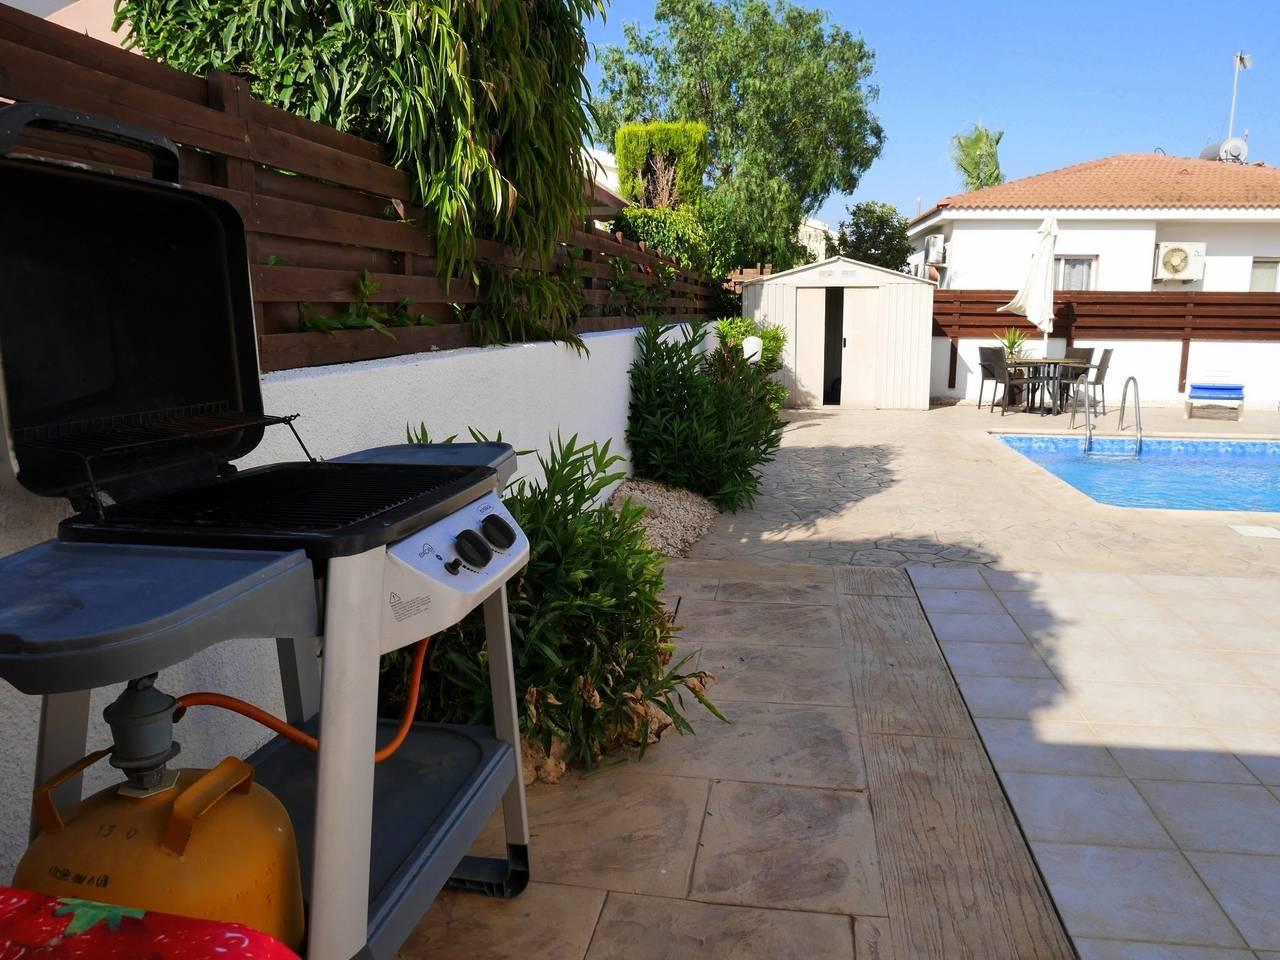 Apartment Villa Mon - 2 Bedroom Villa with Private Pool photo 25668489